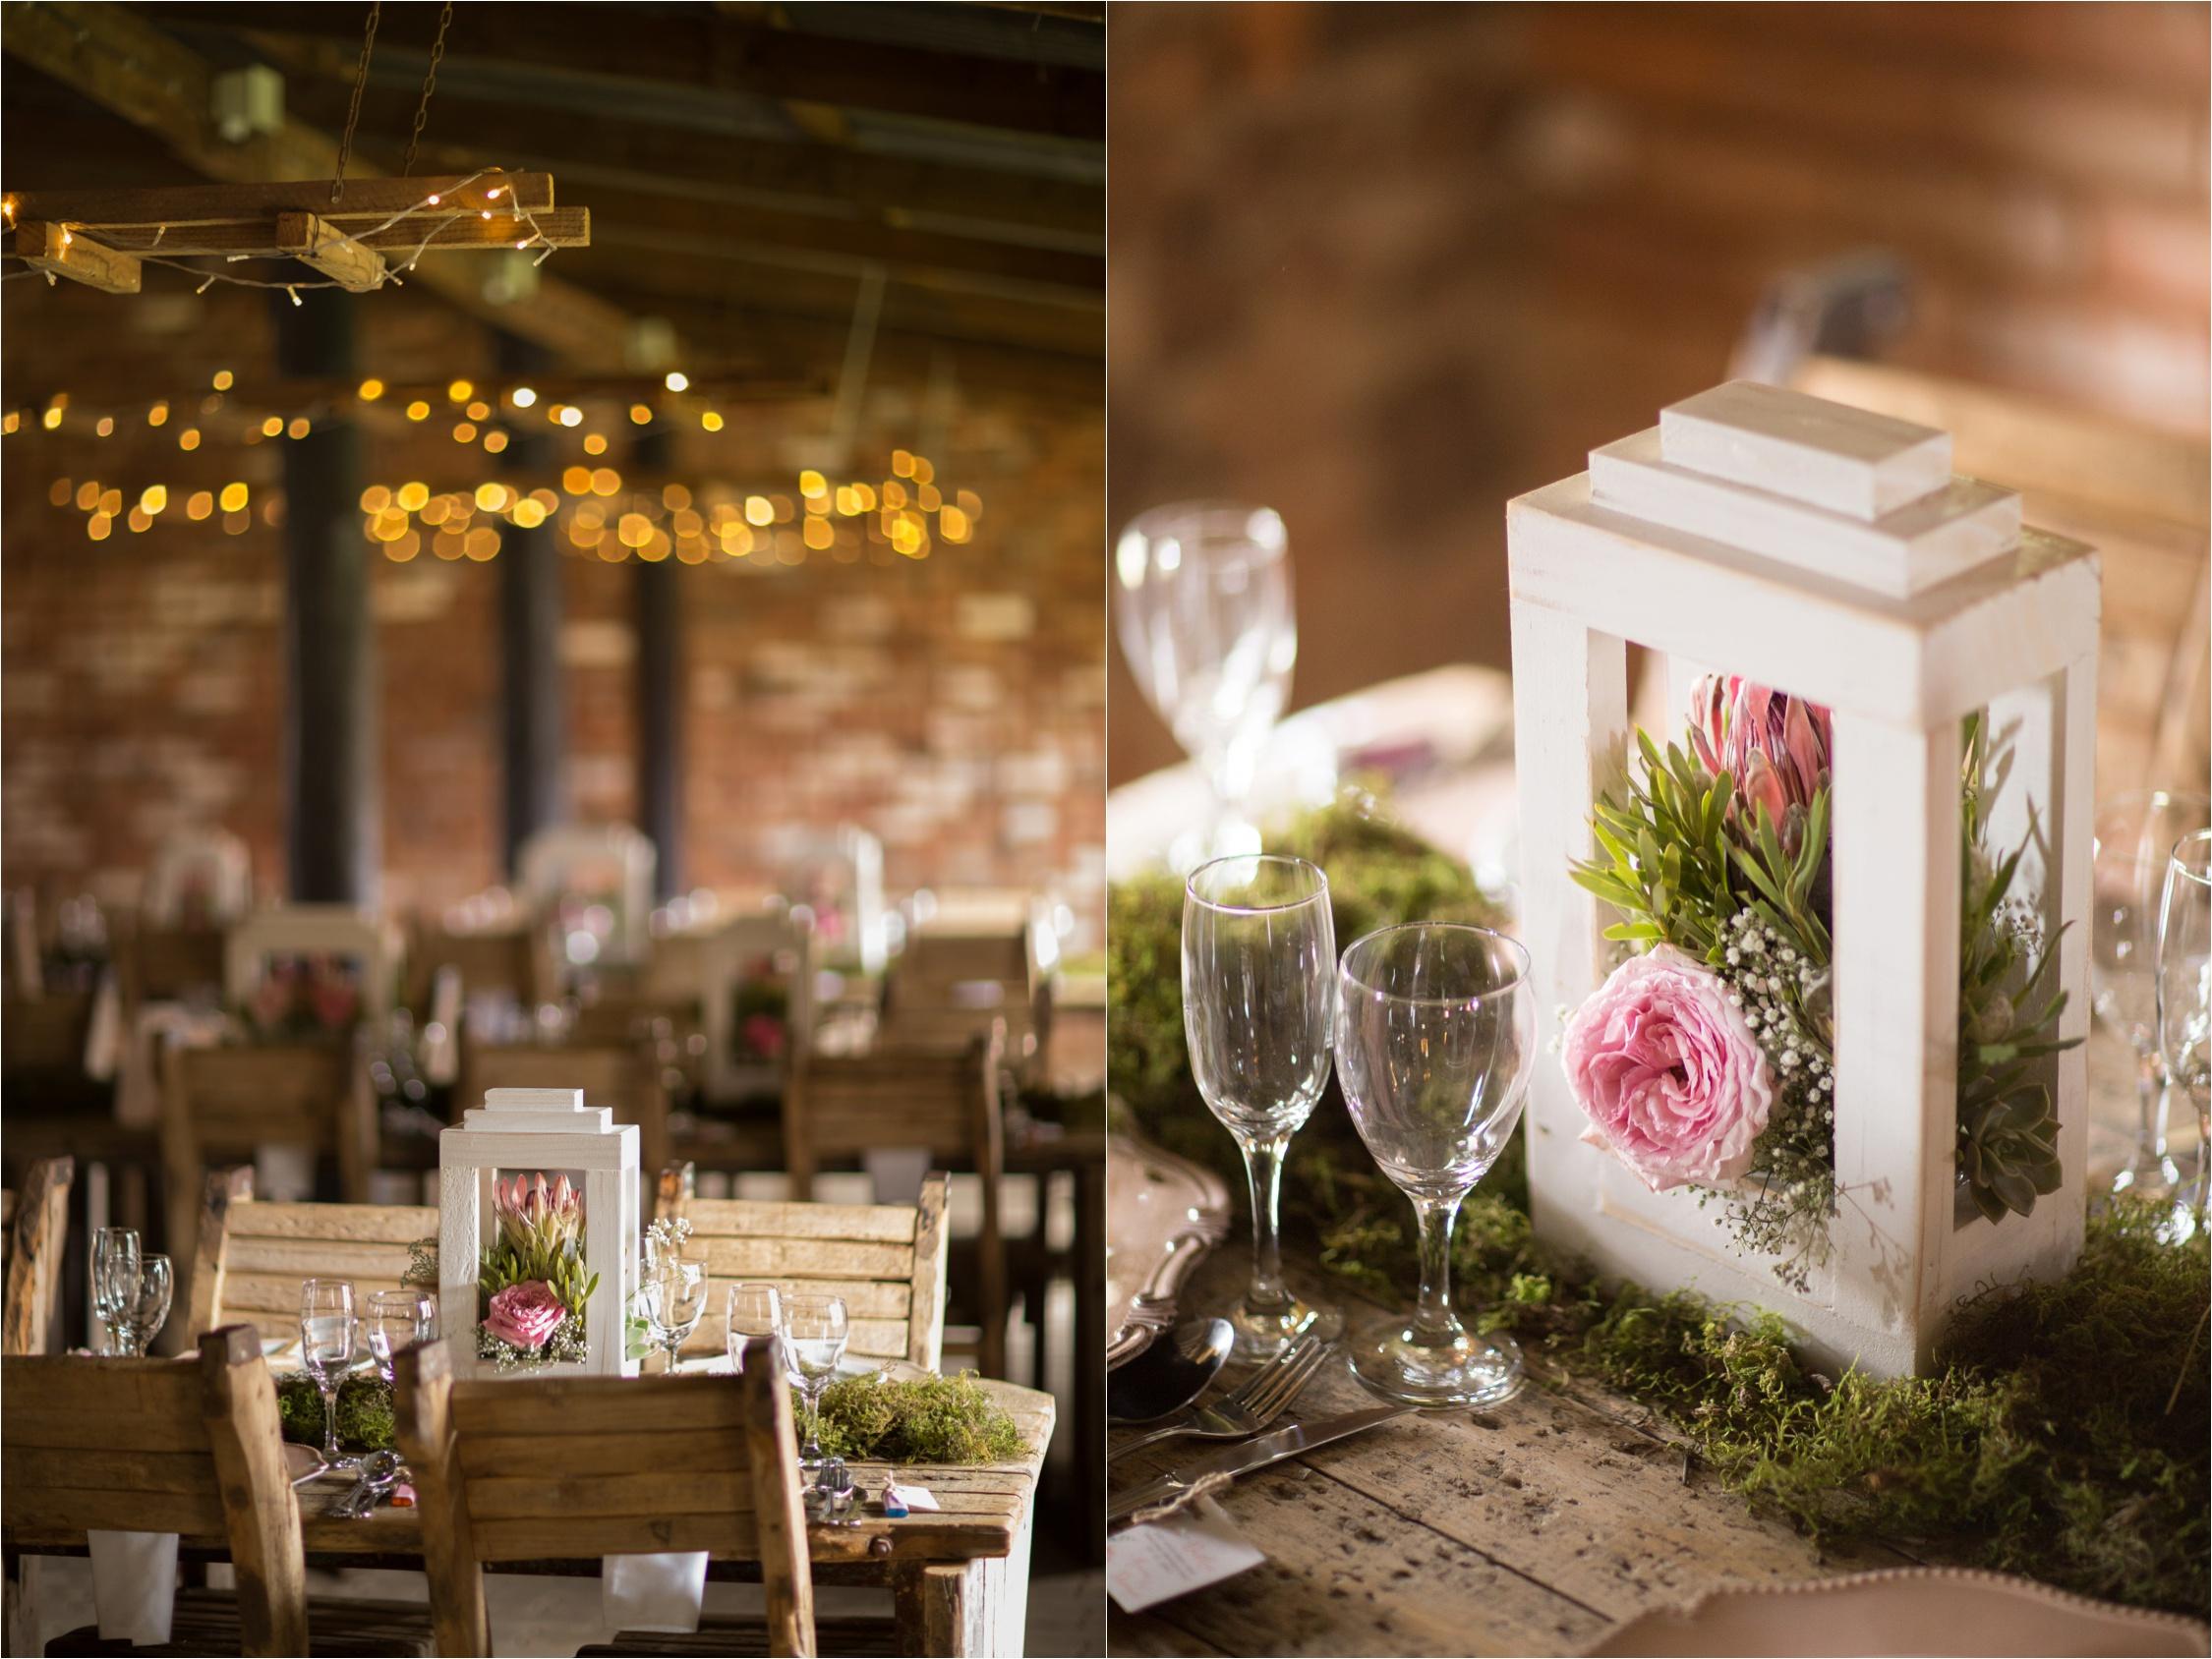 Die_Waenhuiskraal_wedding_Alicia_Dwayne_72